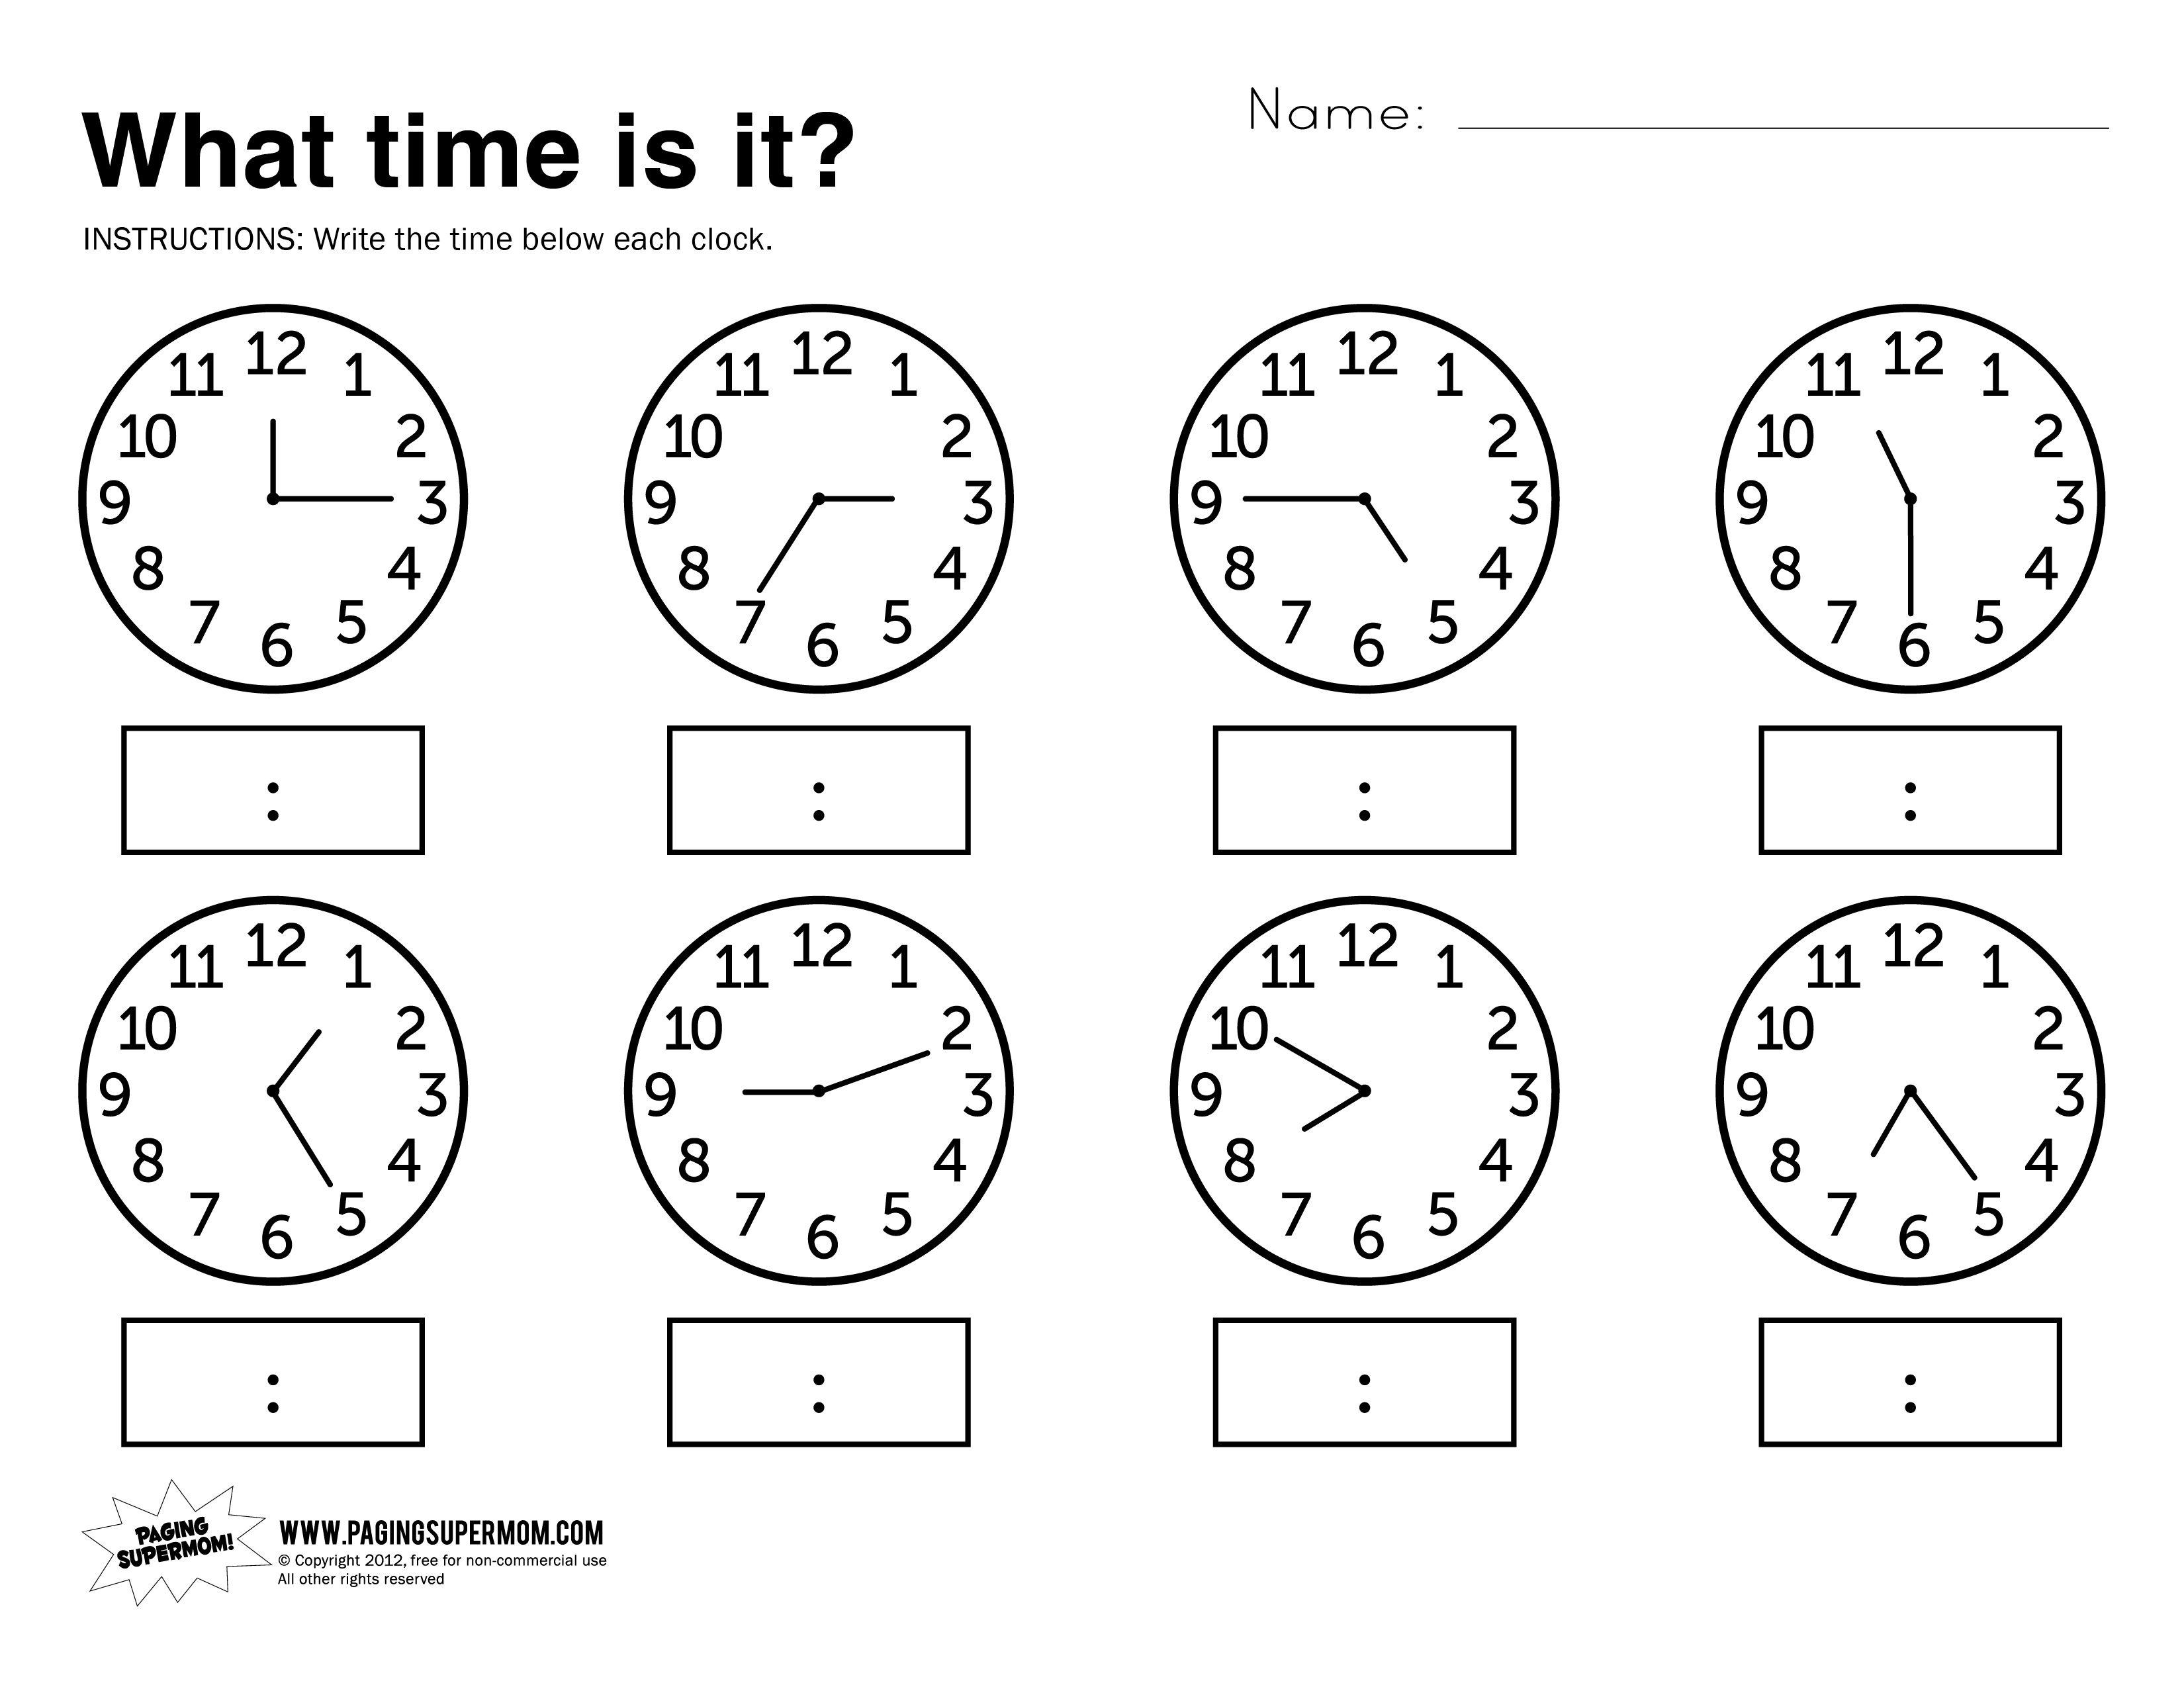 What Time Is It Printable Worksheet   Kolbie   Kindergarten - Free Printable Telling Time Worksheets